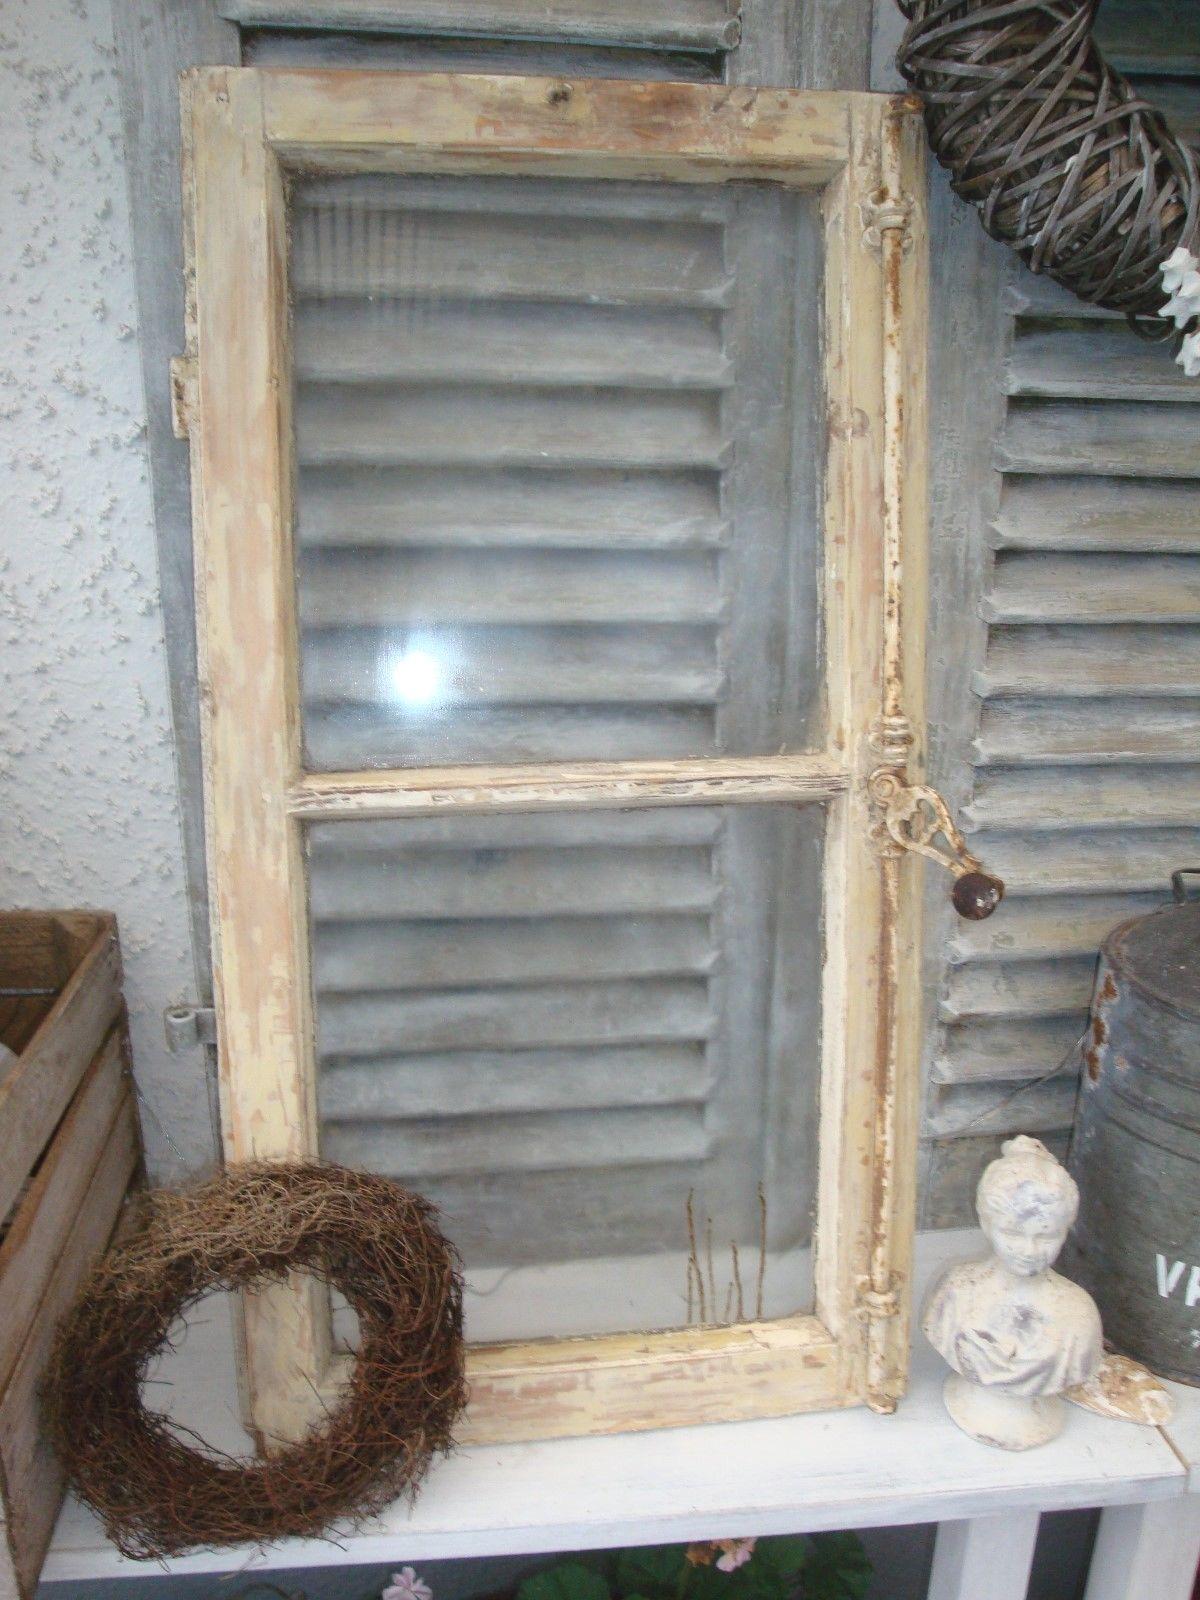 Alte Holzfenster Deko Altes Landhaus Sprossenfenster New Selber Bauen Alte Holzfenster Holzfenster Altes Landhaus